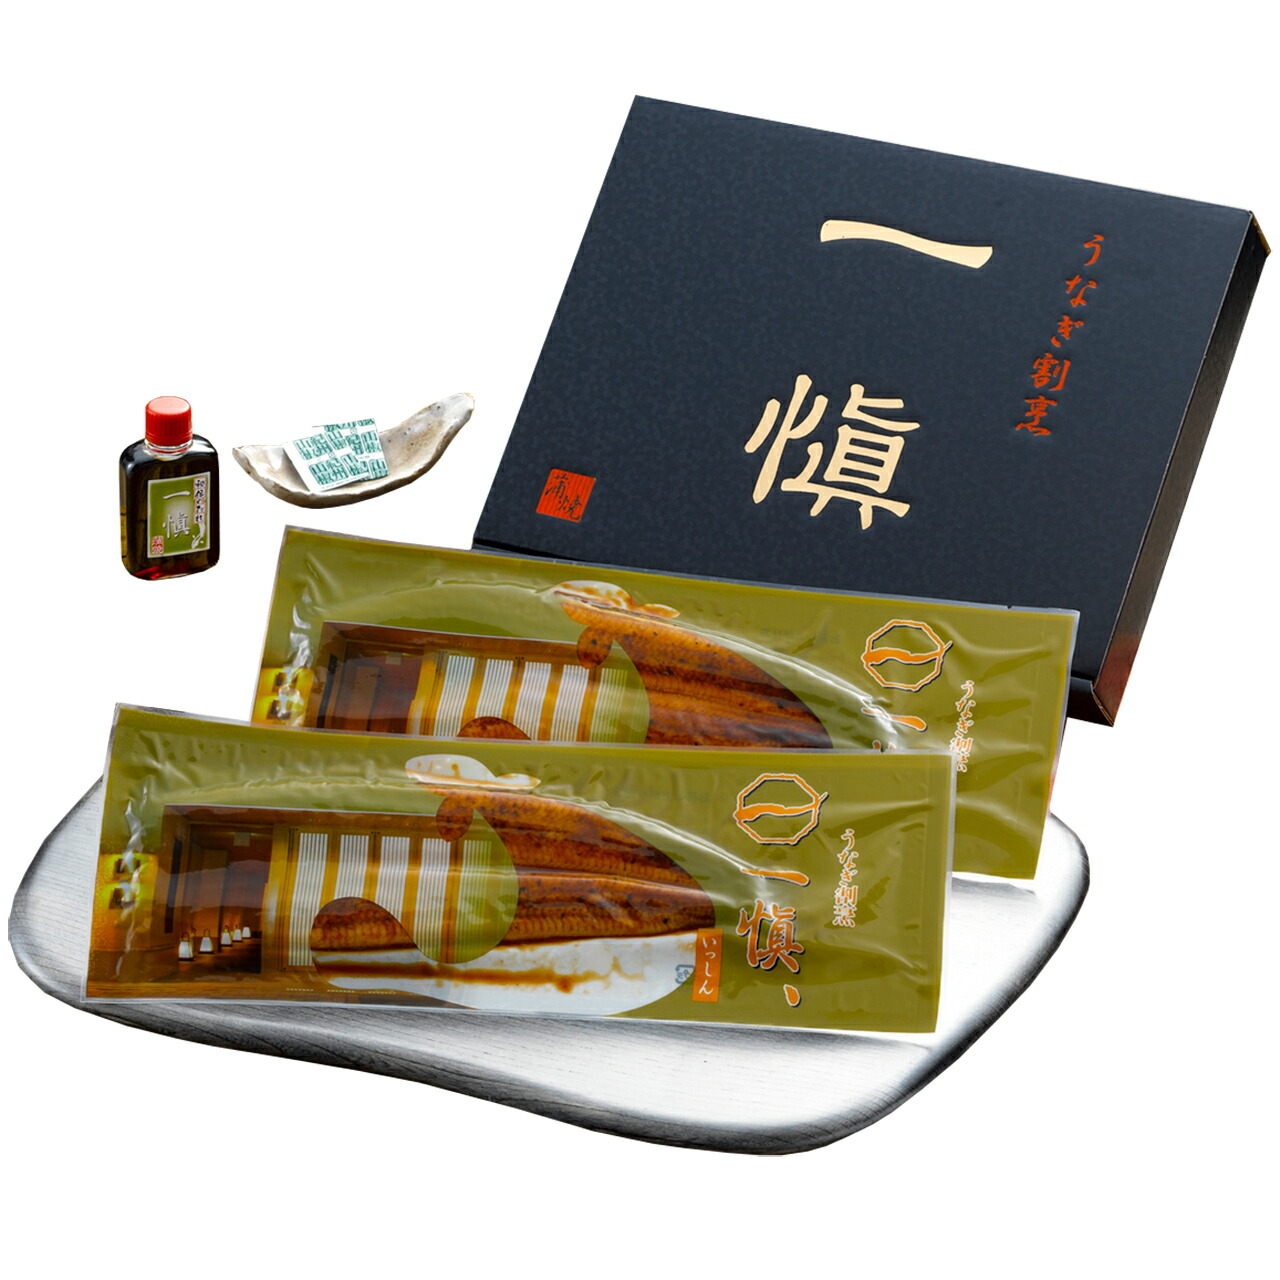 敬老祝い うなぎ割烹「一愼」特製長蒲焼